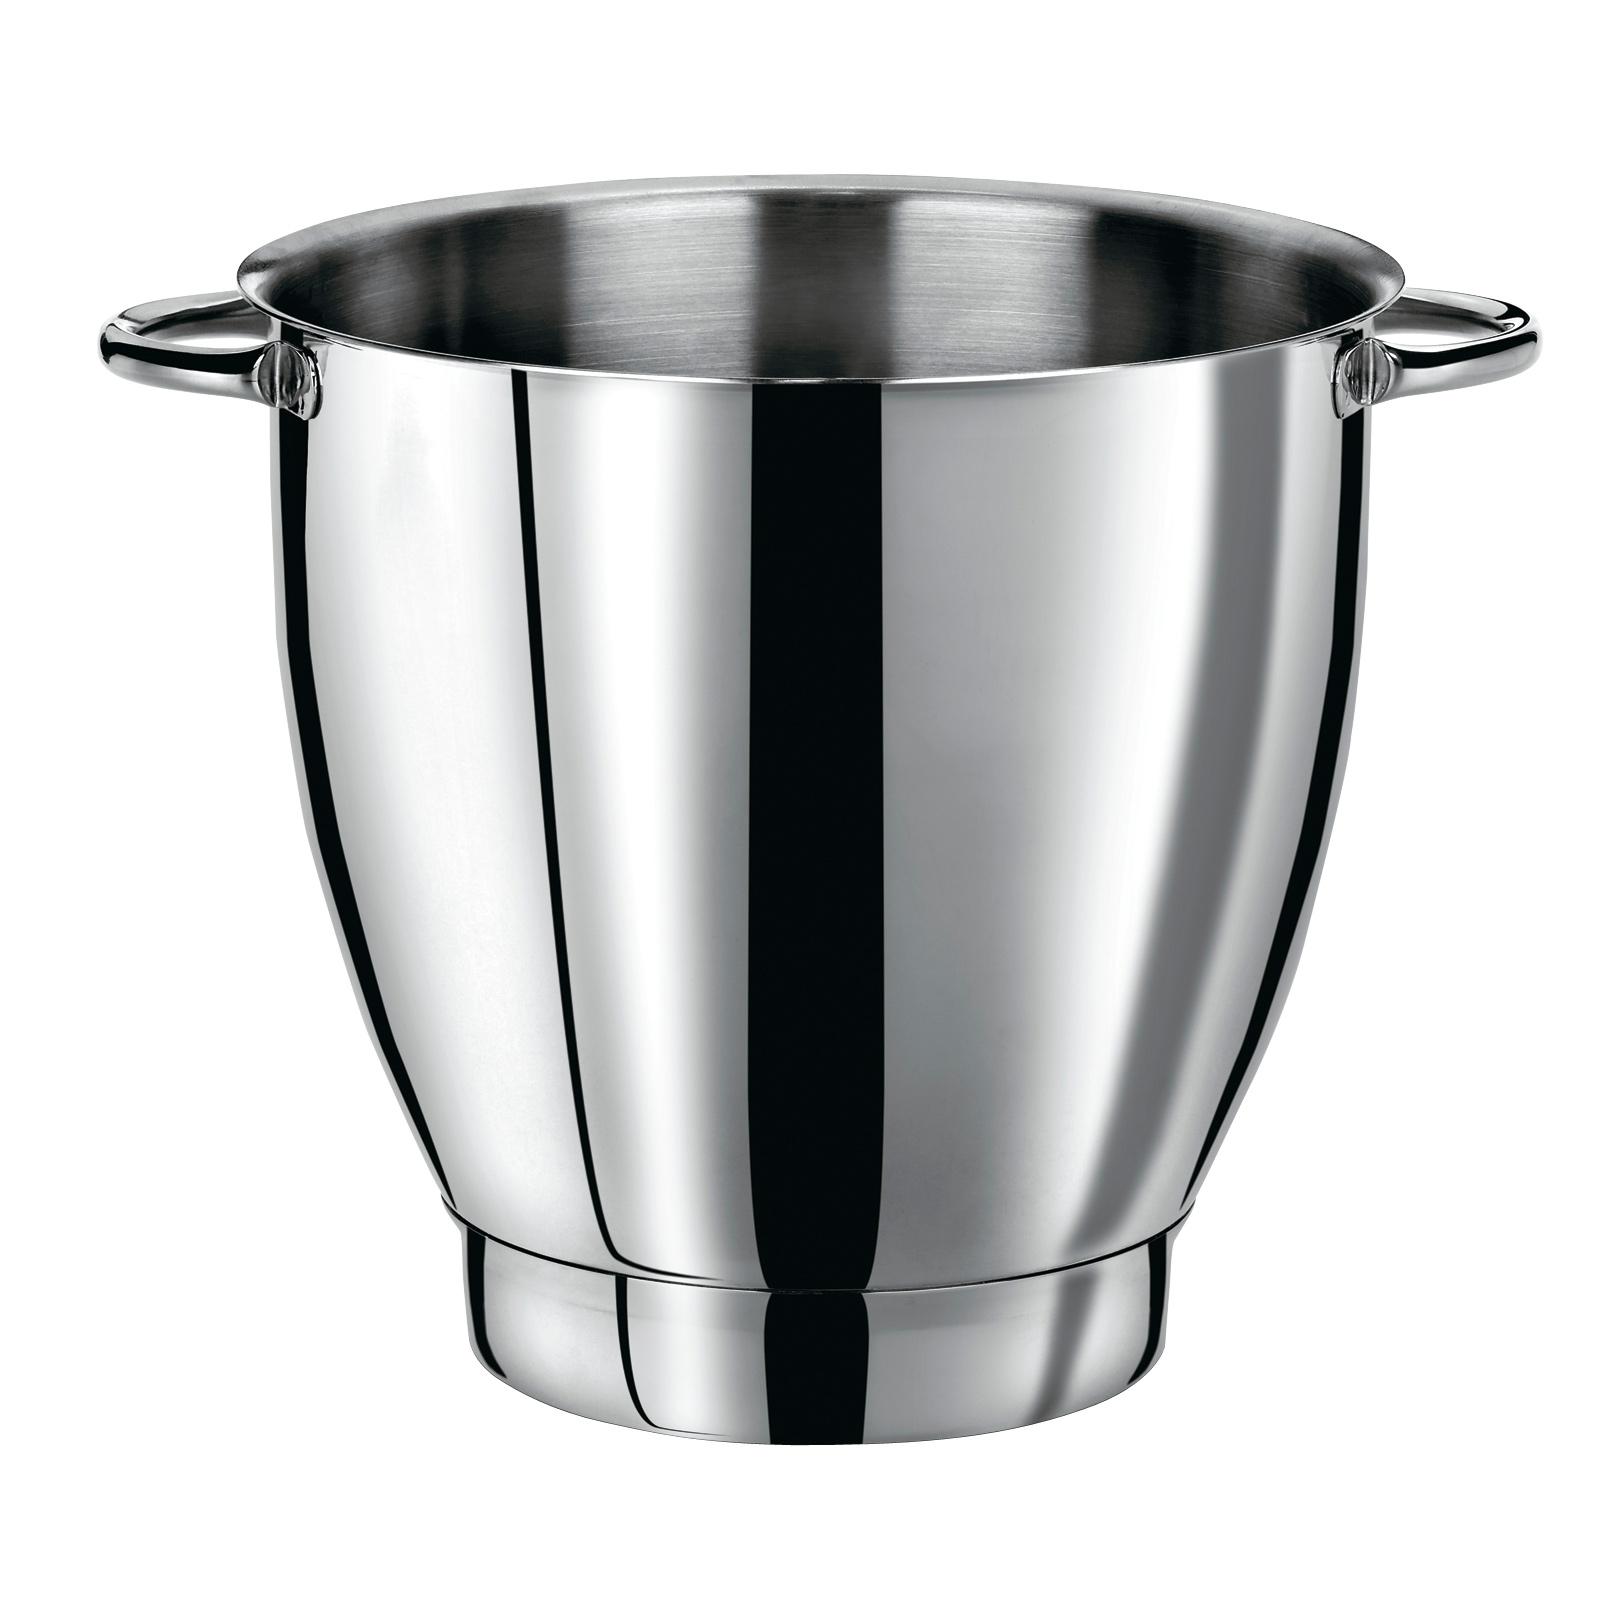 Waring WSM7BL mixer bowl